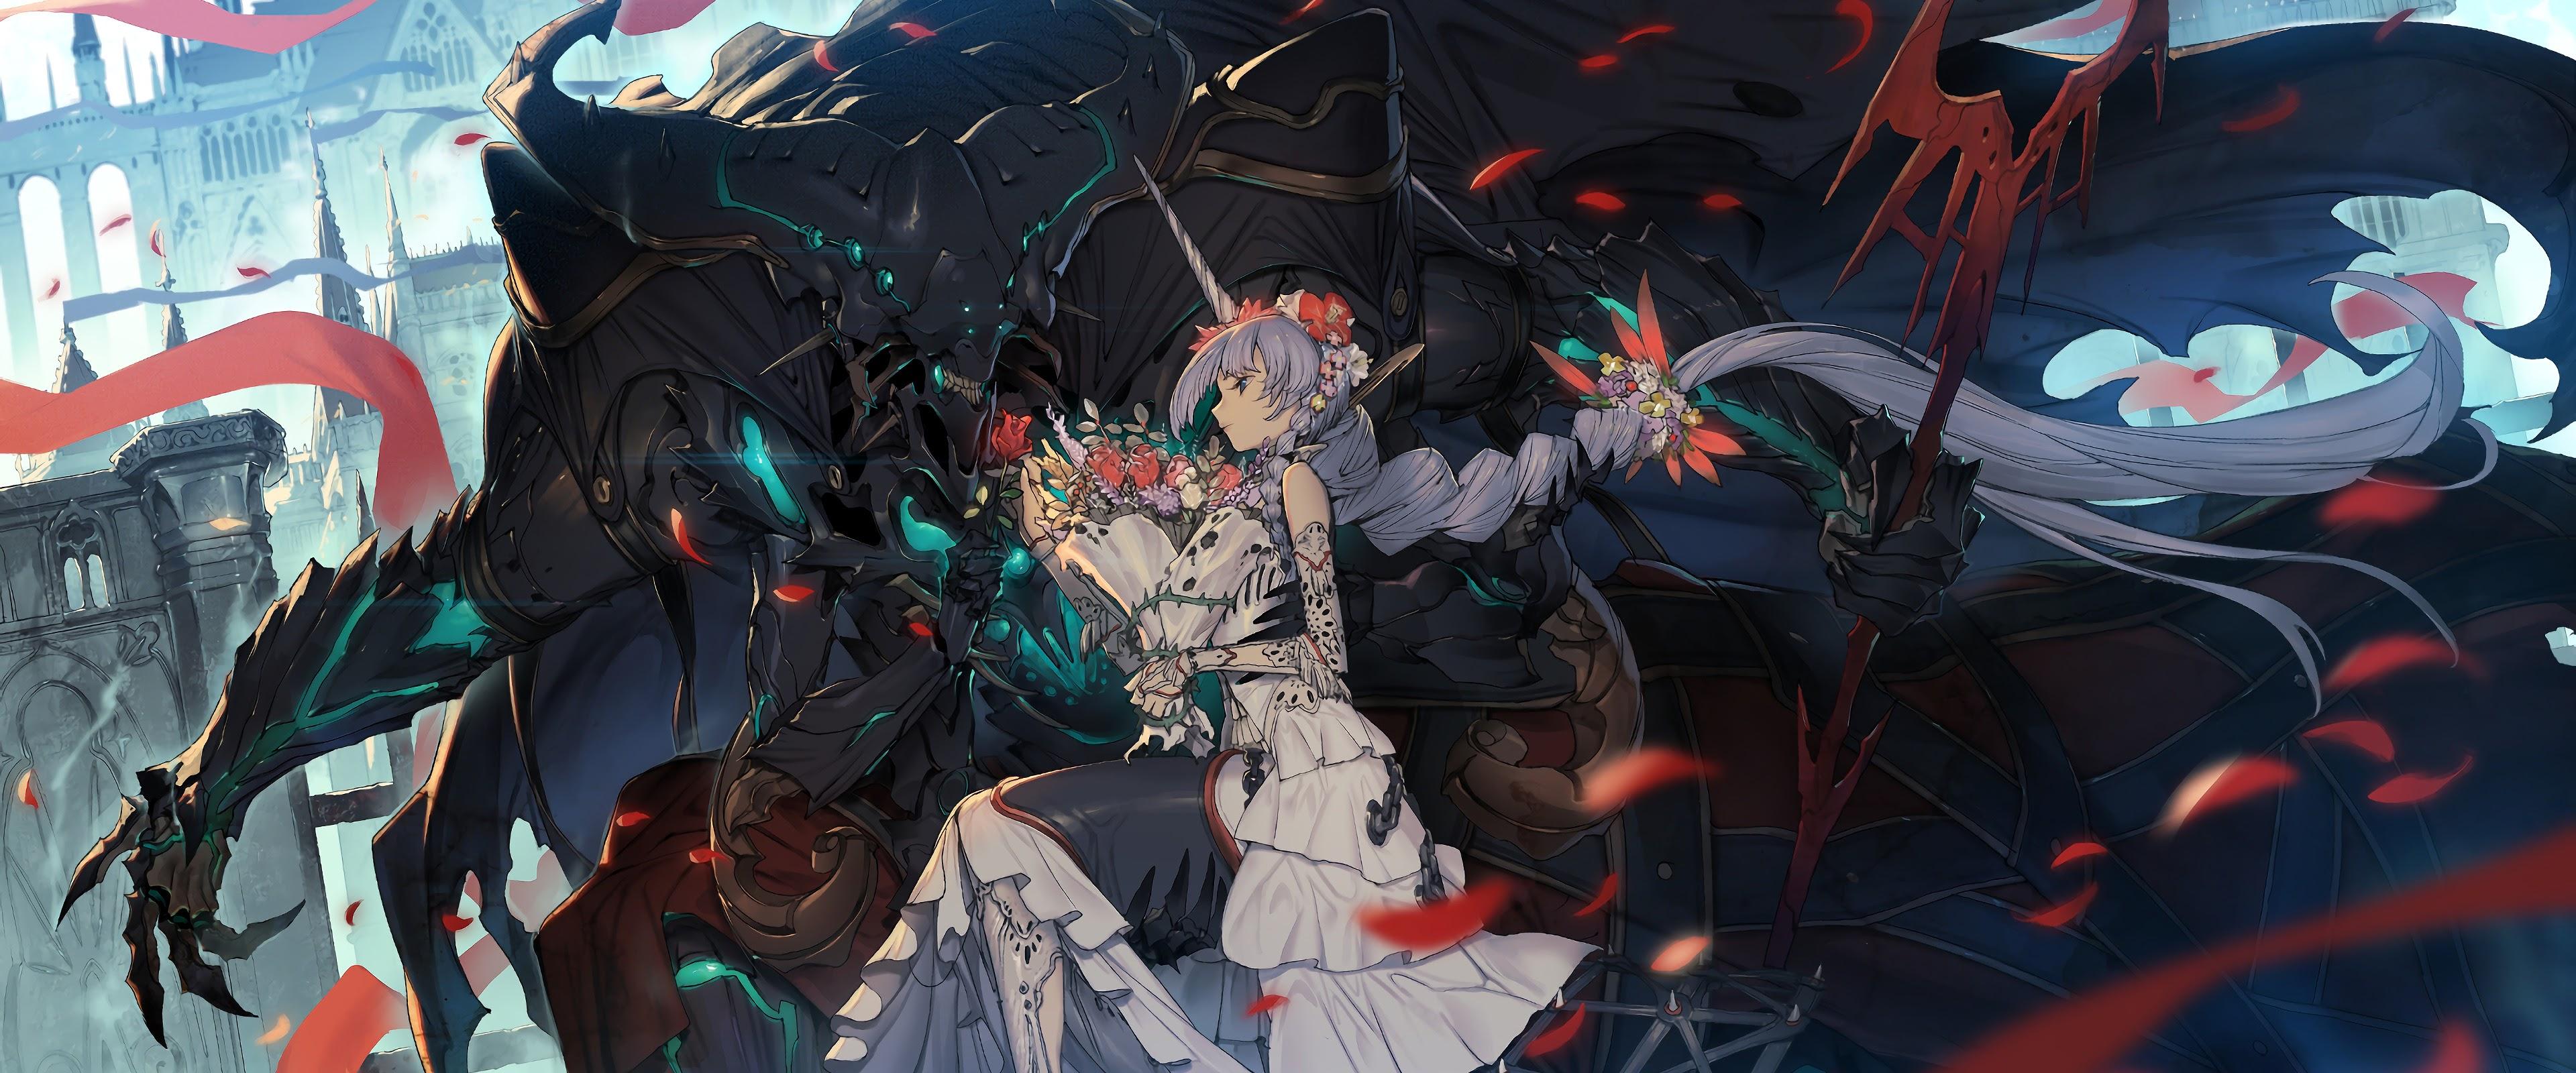 Anime Fantasy Girl 4k Wallpaper 51